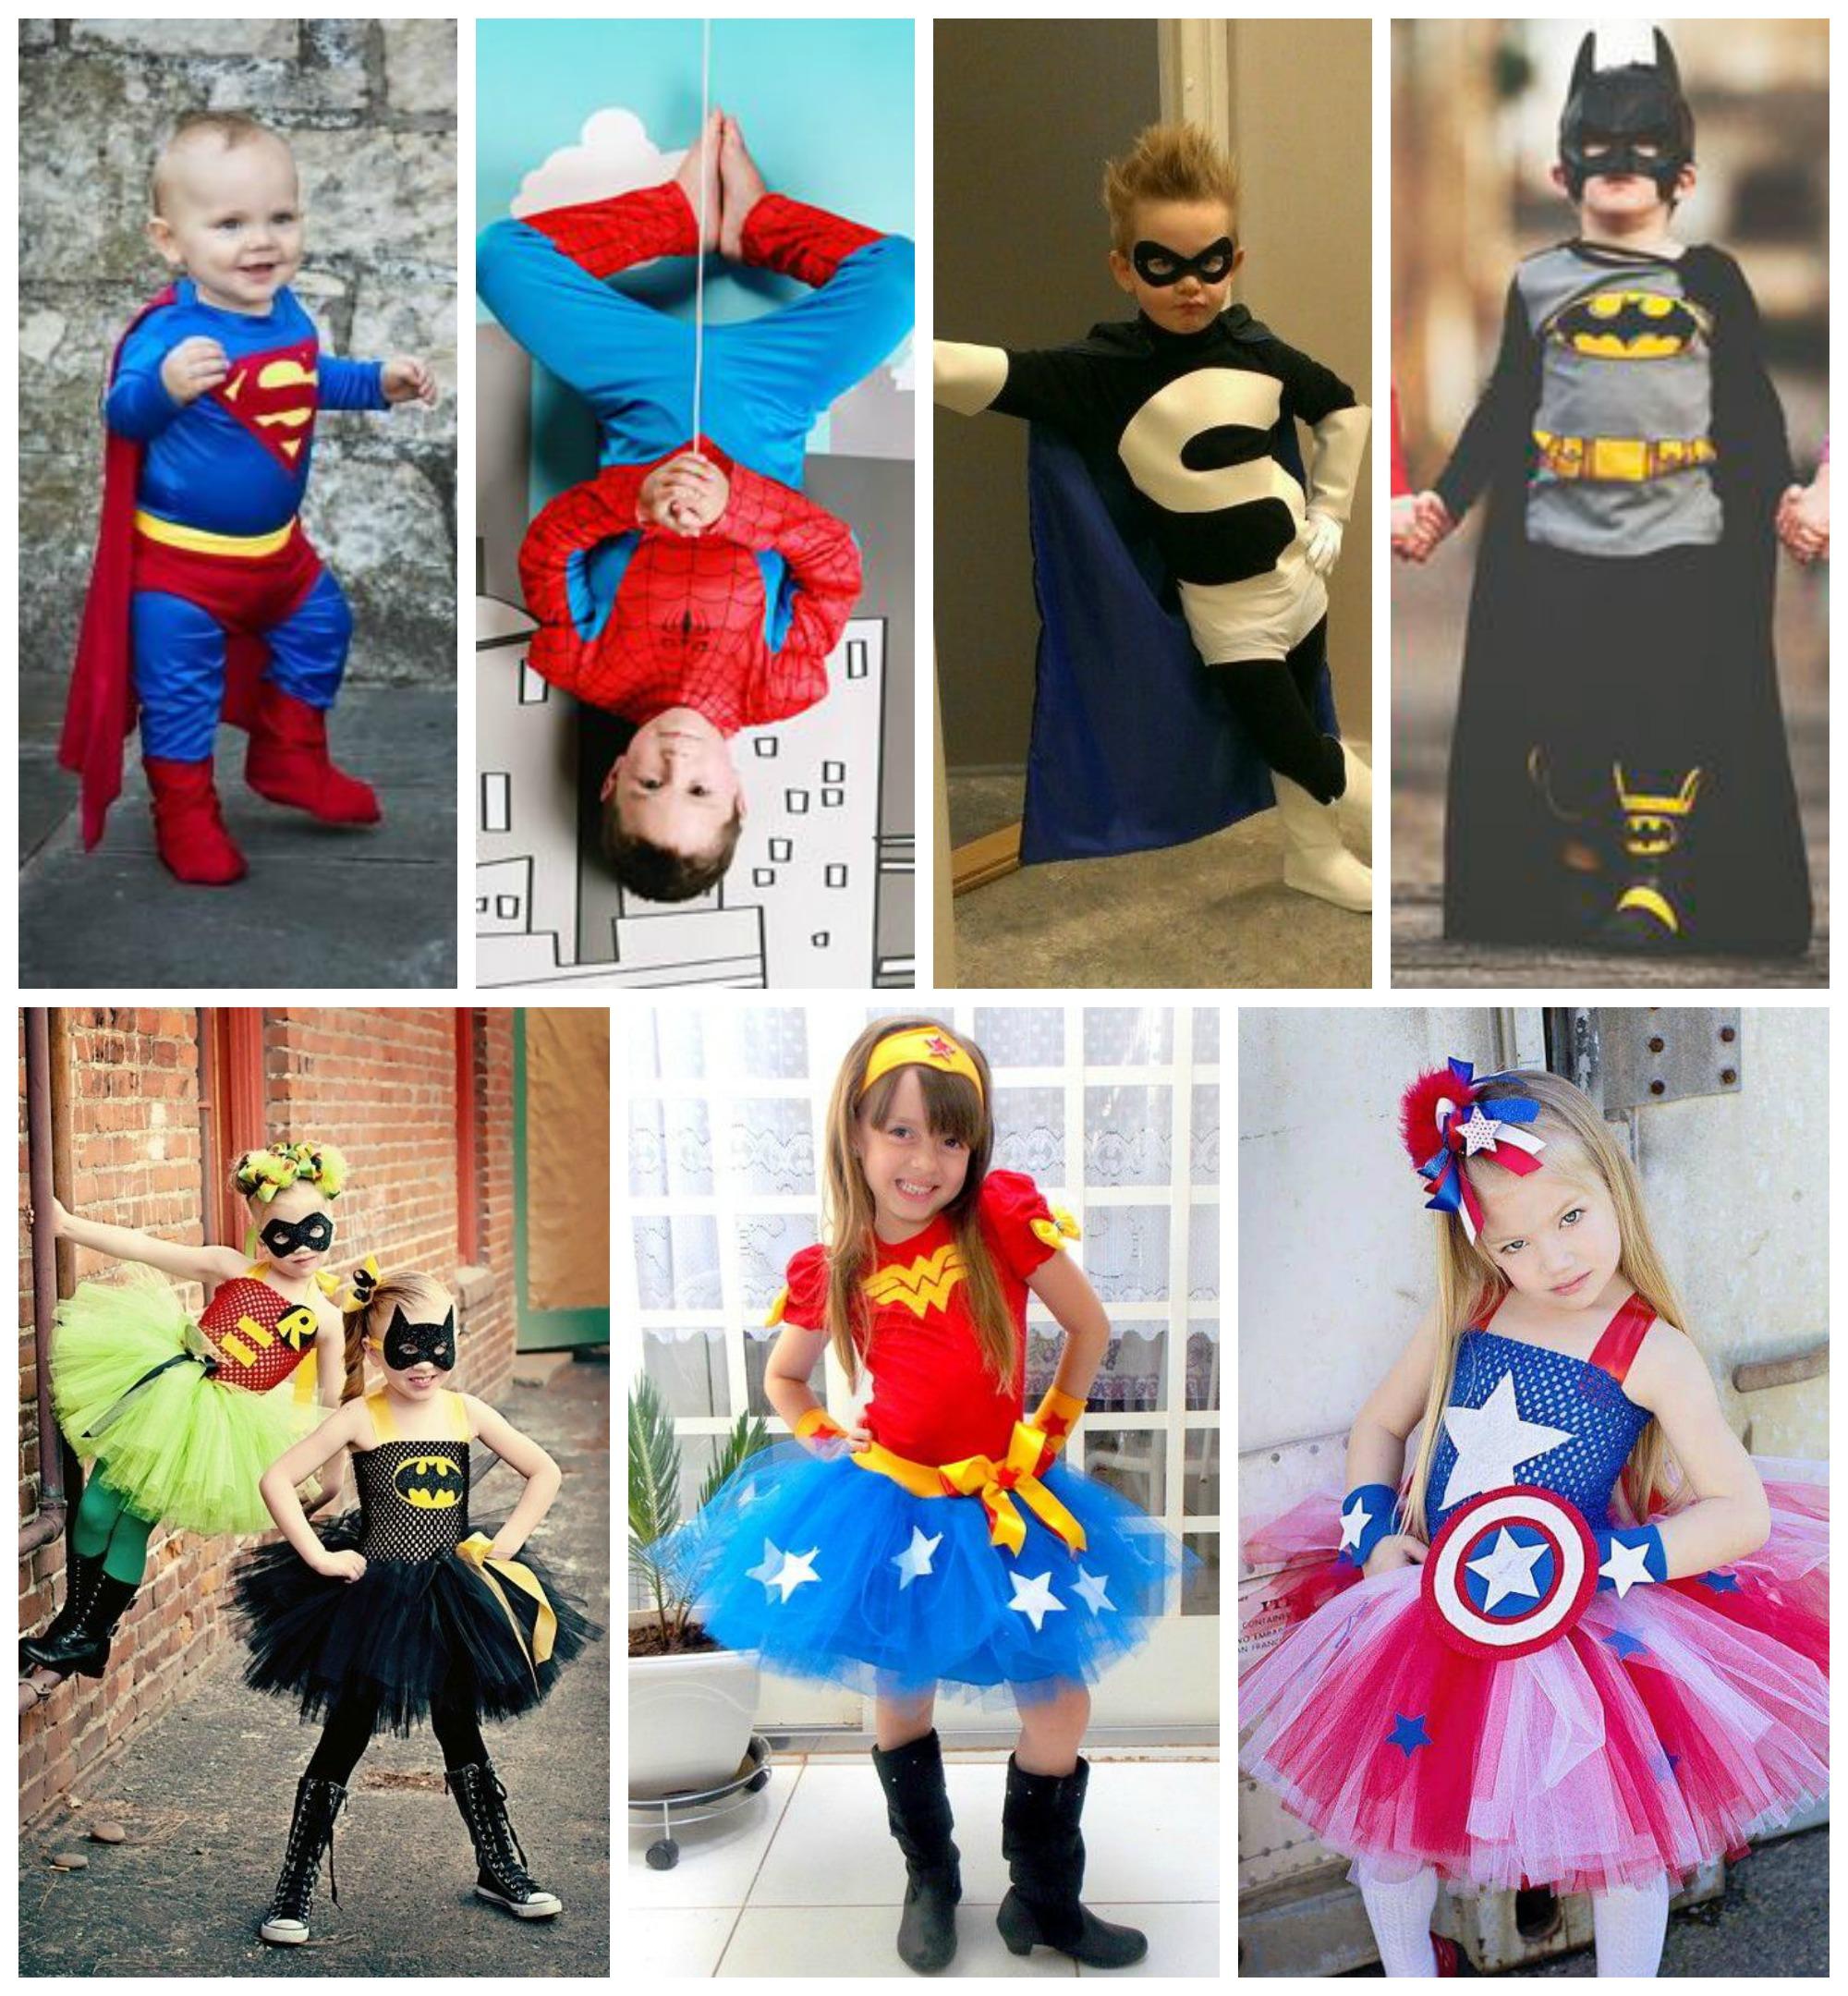 Dicas de fantasias de super heróis para crianças